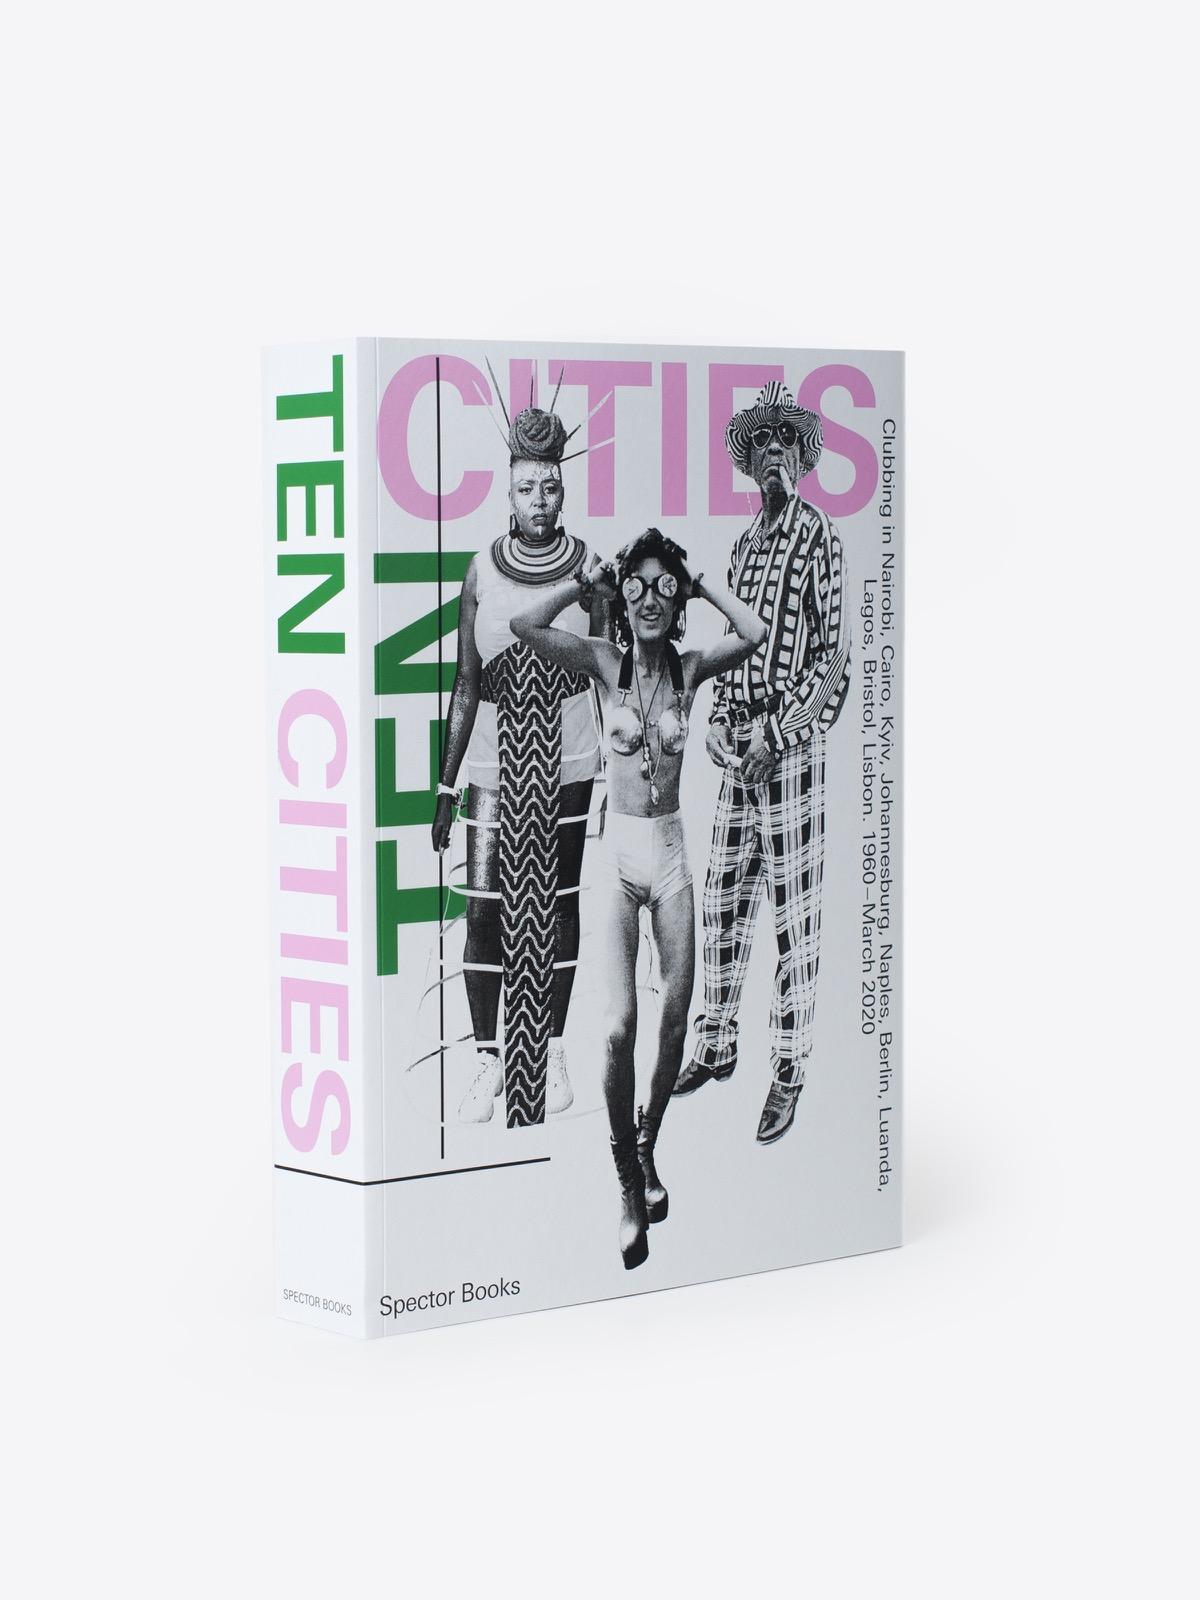 spector books Ten Cities